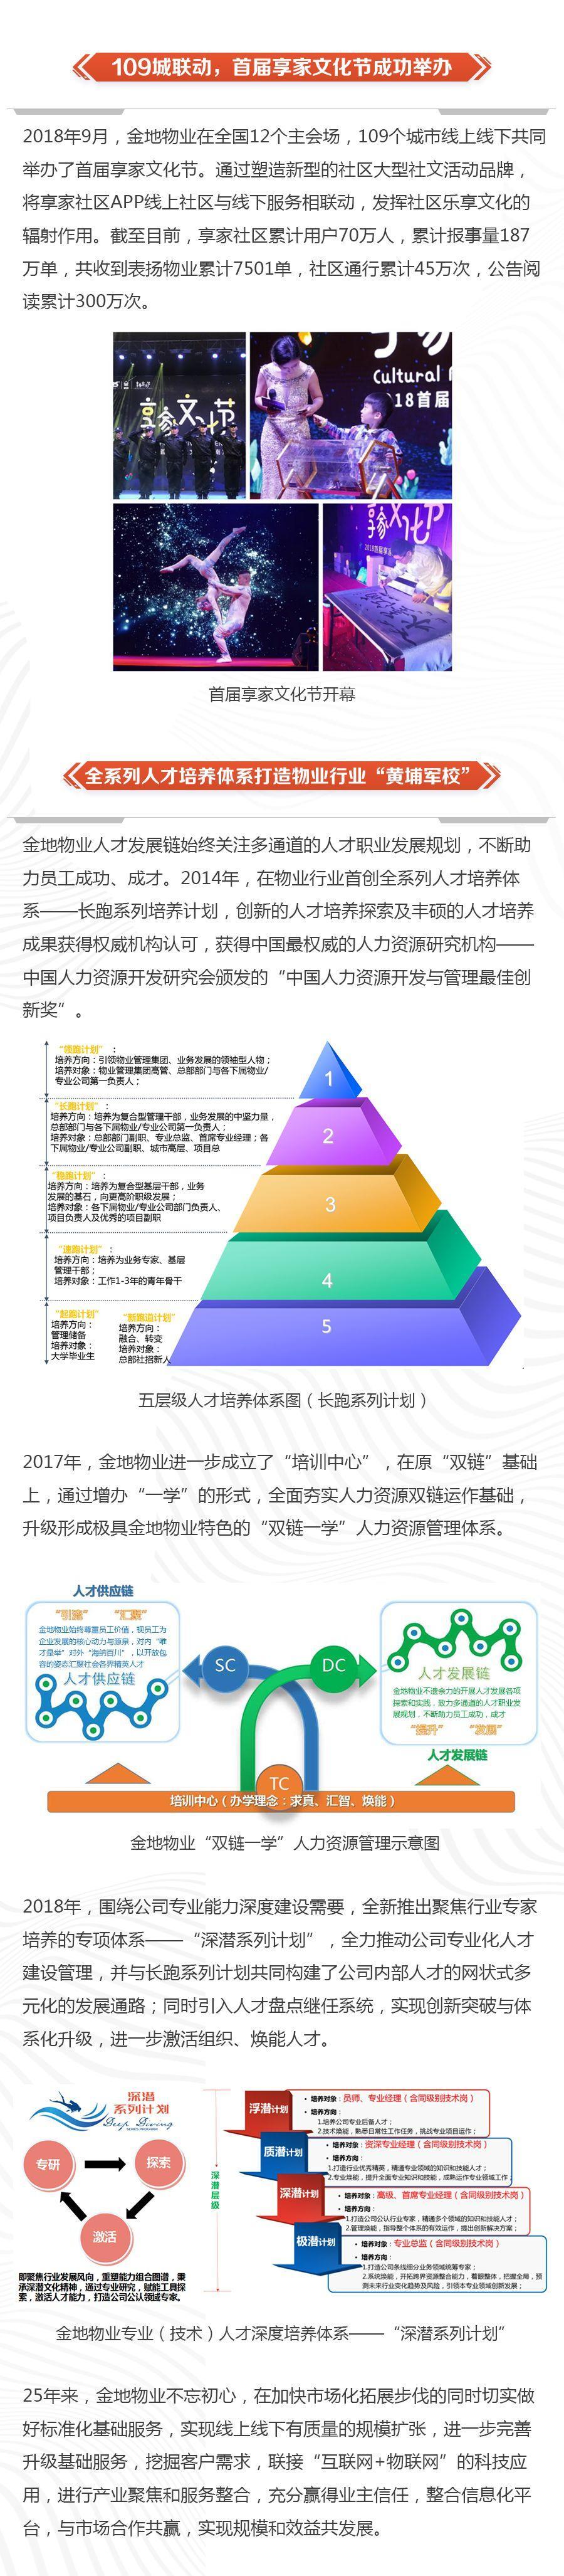 018中国好物业No.1系列